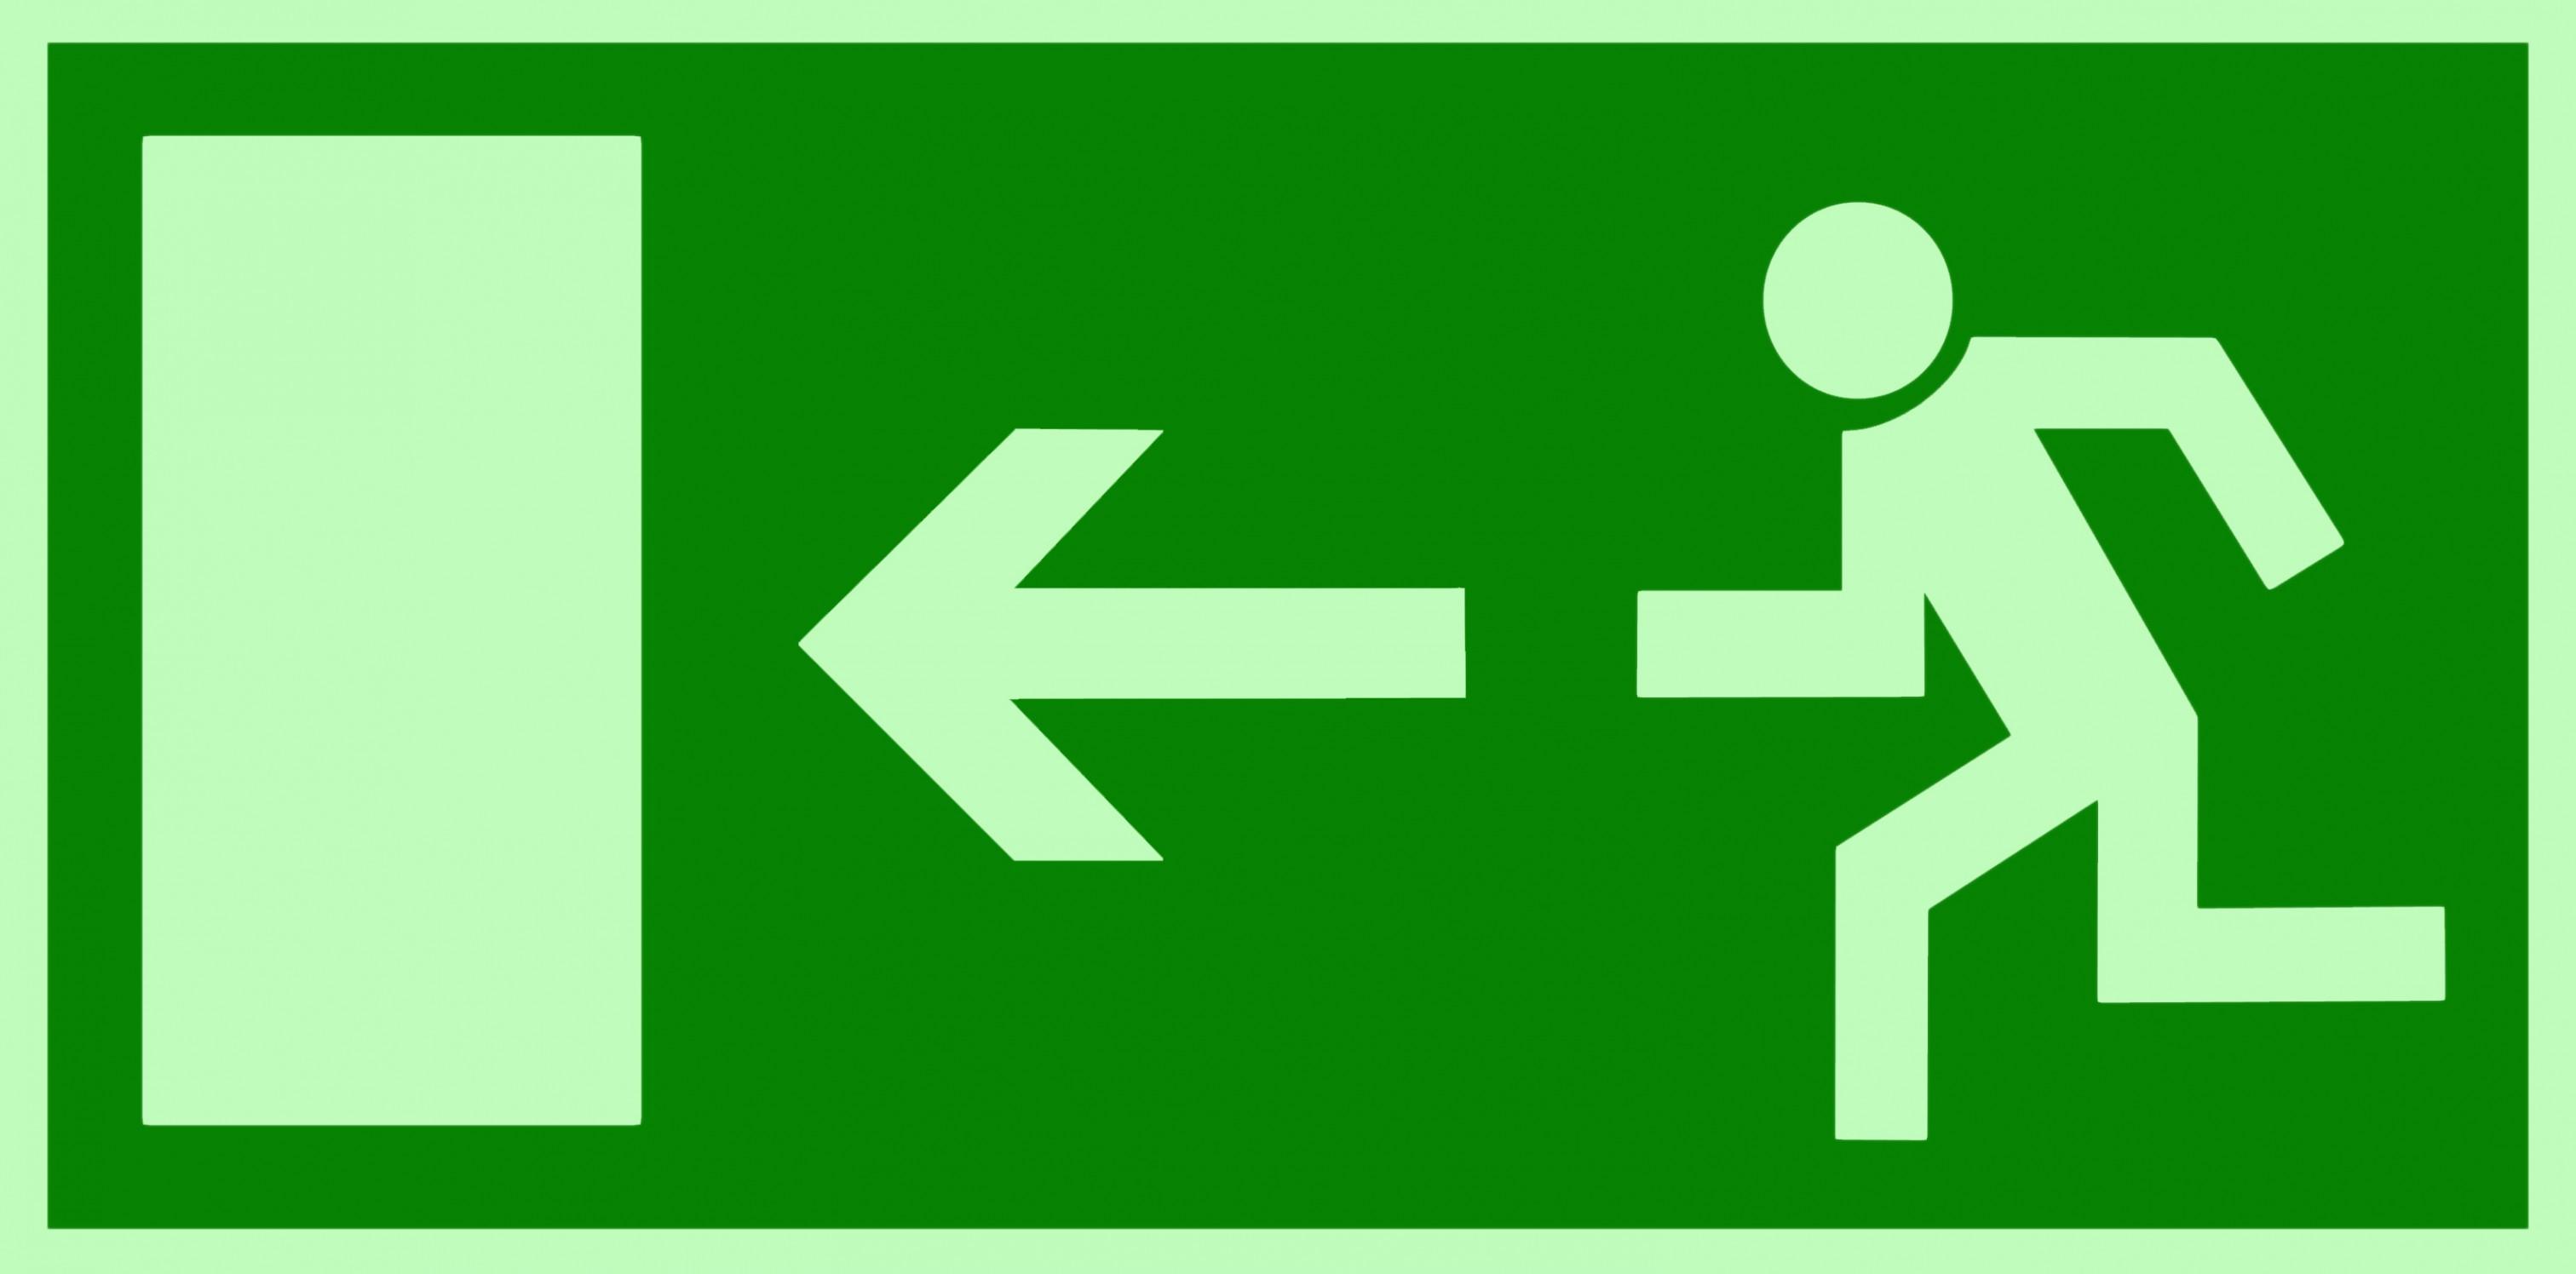 rettungszeichen symbolschild fluchtwegnotausgang links